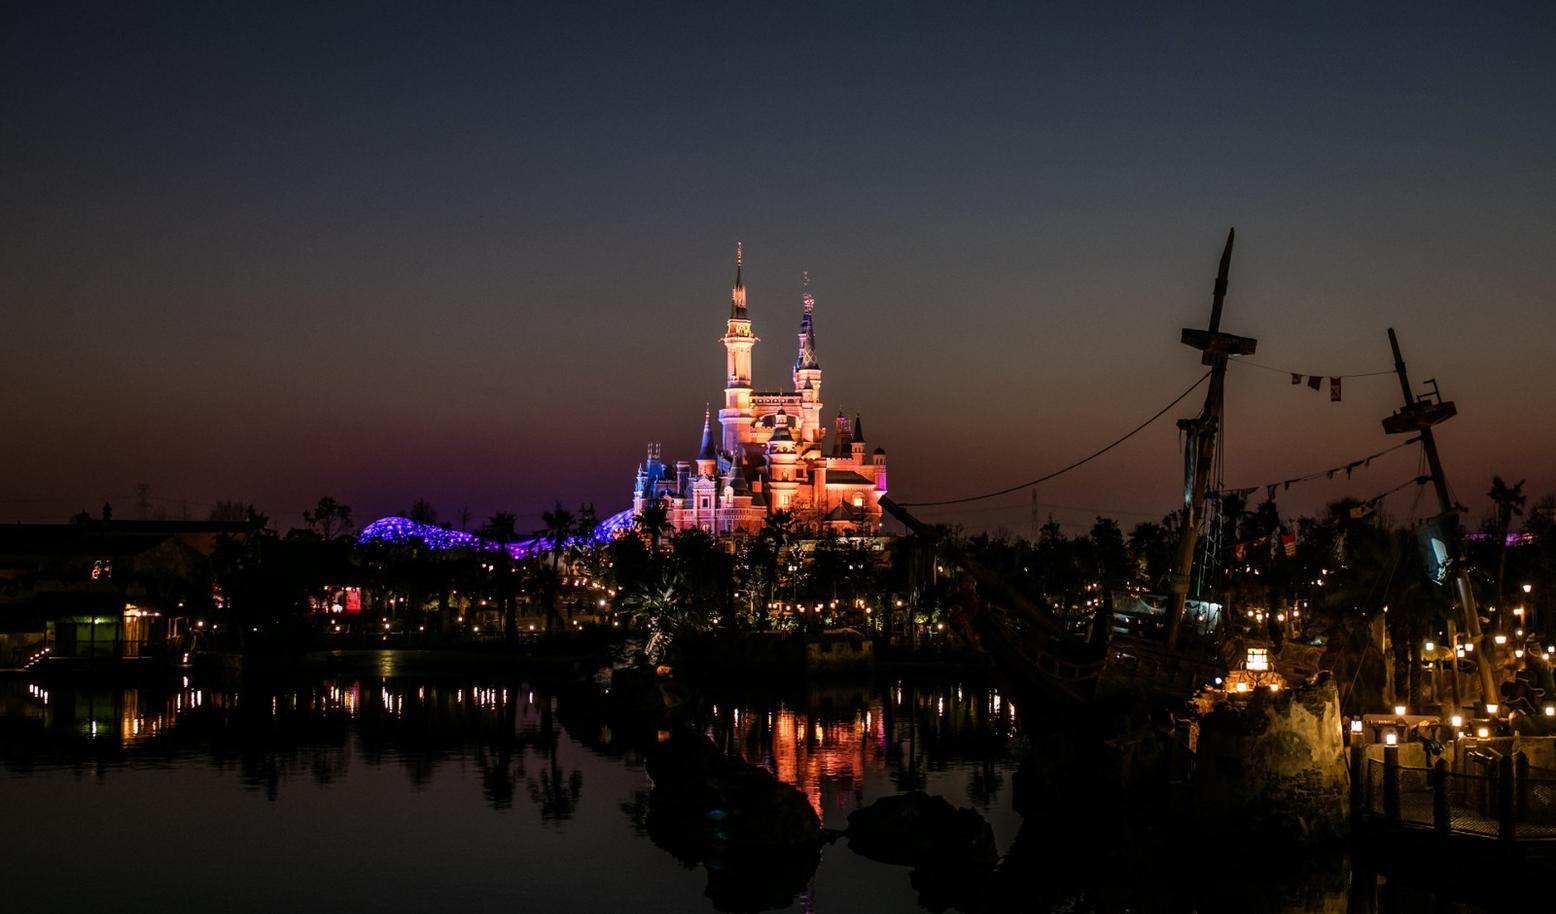 大同租房网_人平易远网四问上海迪士尼:翻包、双标,凭什么? 执惠